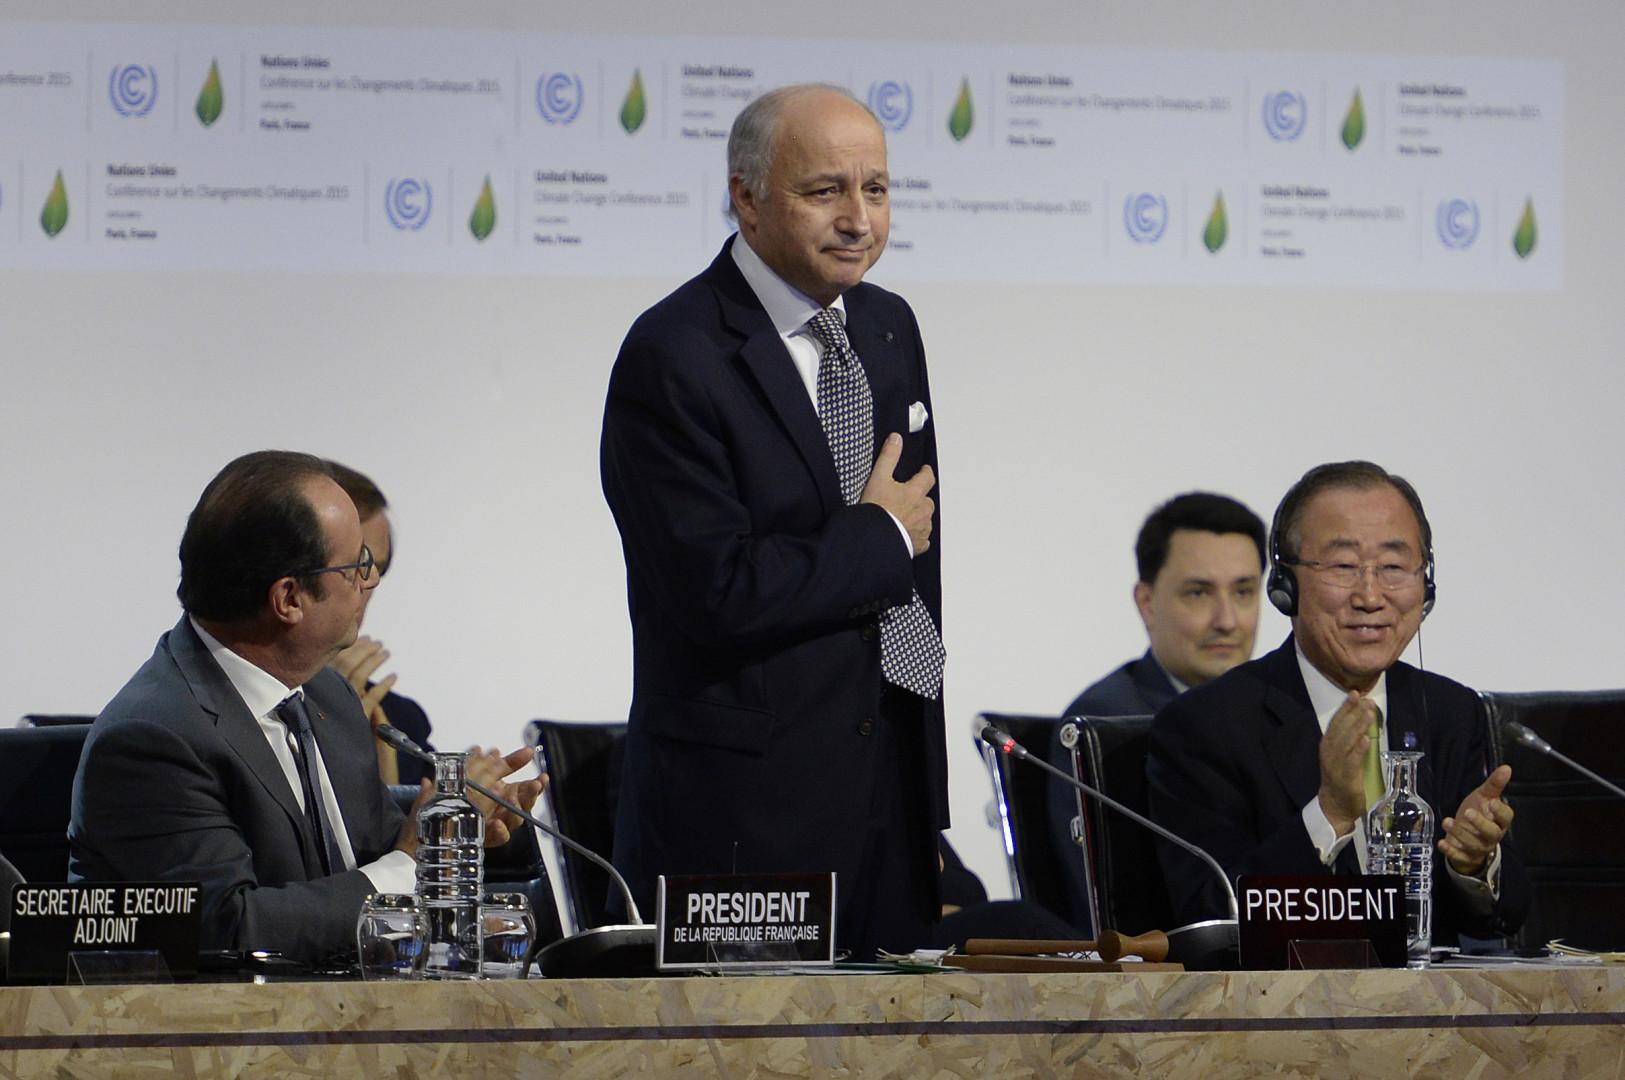 Laurent Fabius très ému lors de son discours de clôture de la COP21, le 12 décembre